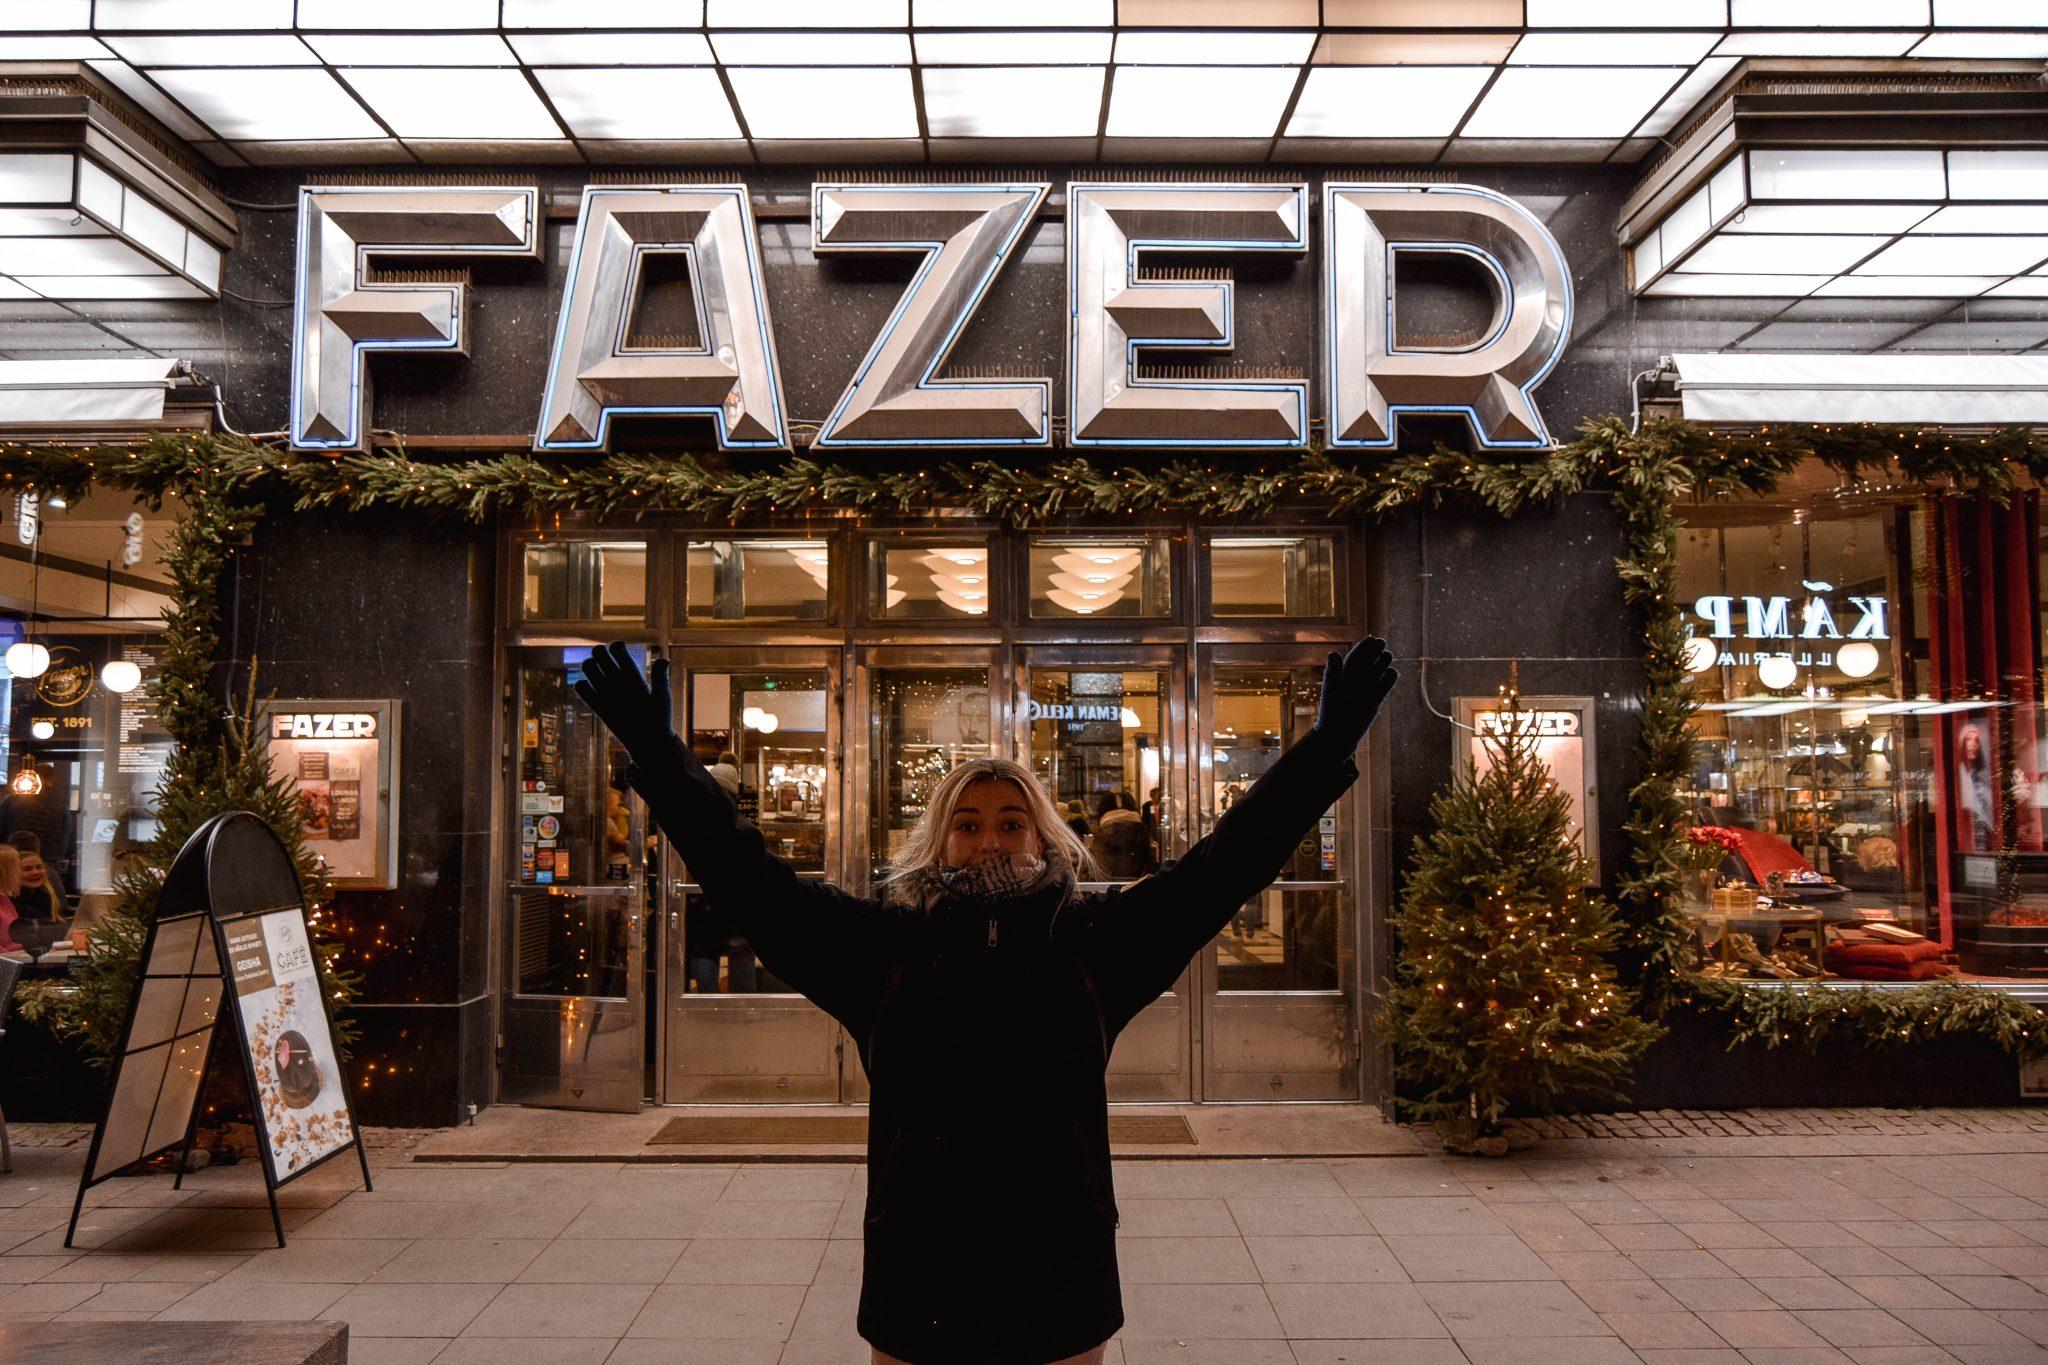 Things To Do In Helsinki In Winter - Fazer Cafe Helsinki Chocolate